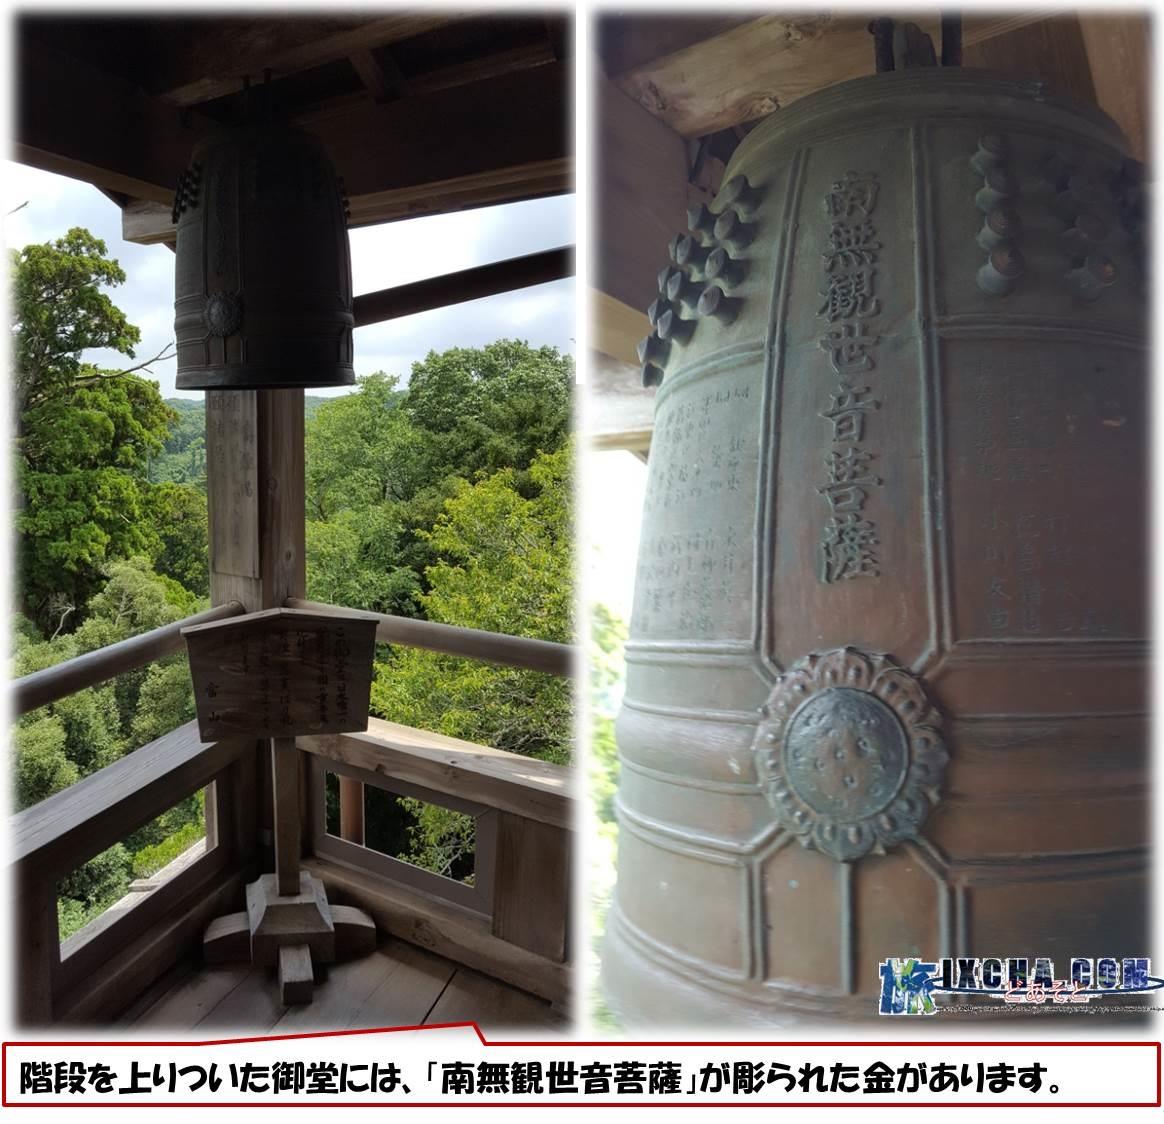 階段を上りついた御堂には、「南無観世音菩薩」が彫られた金があります。